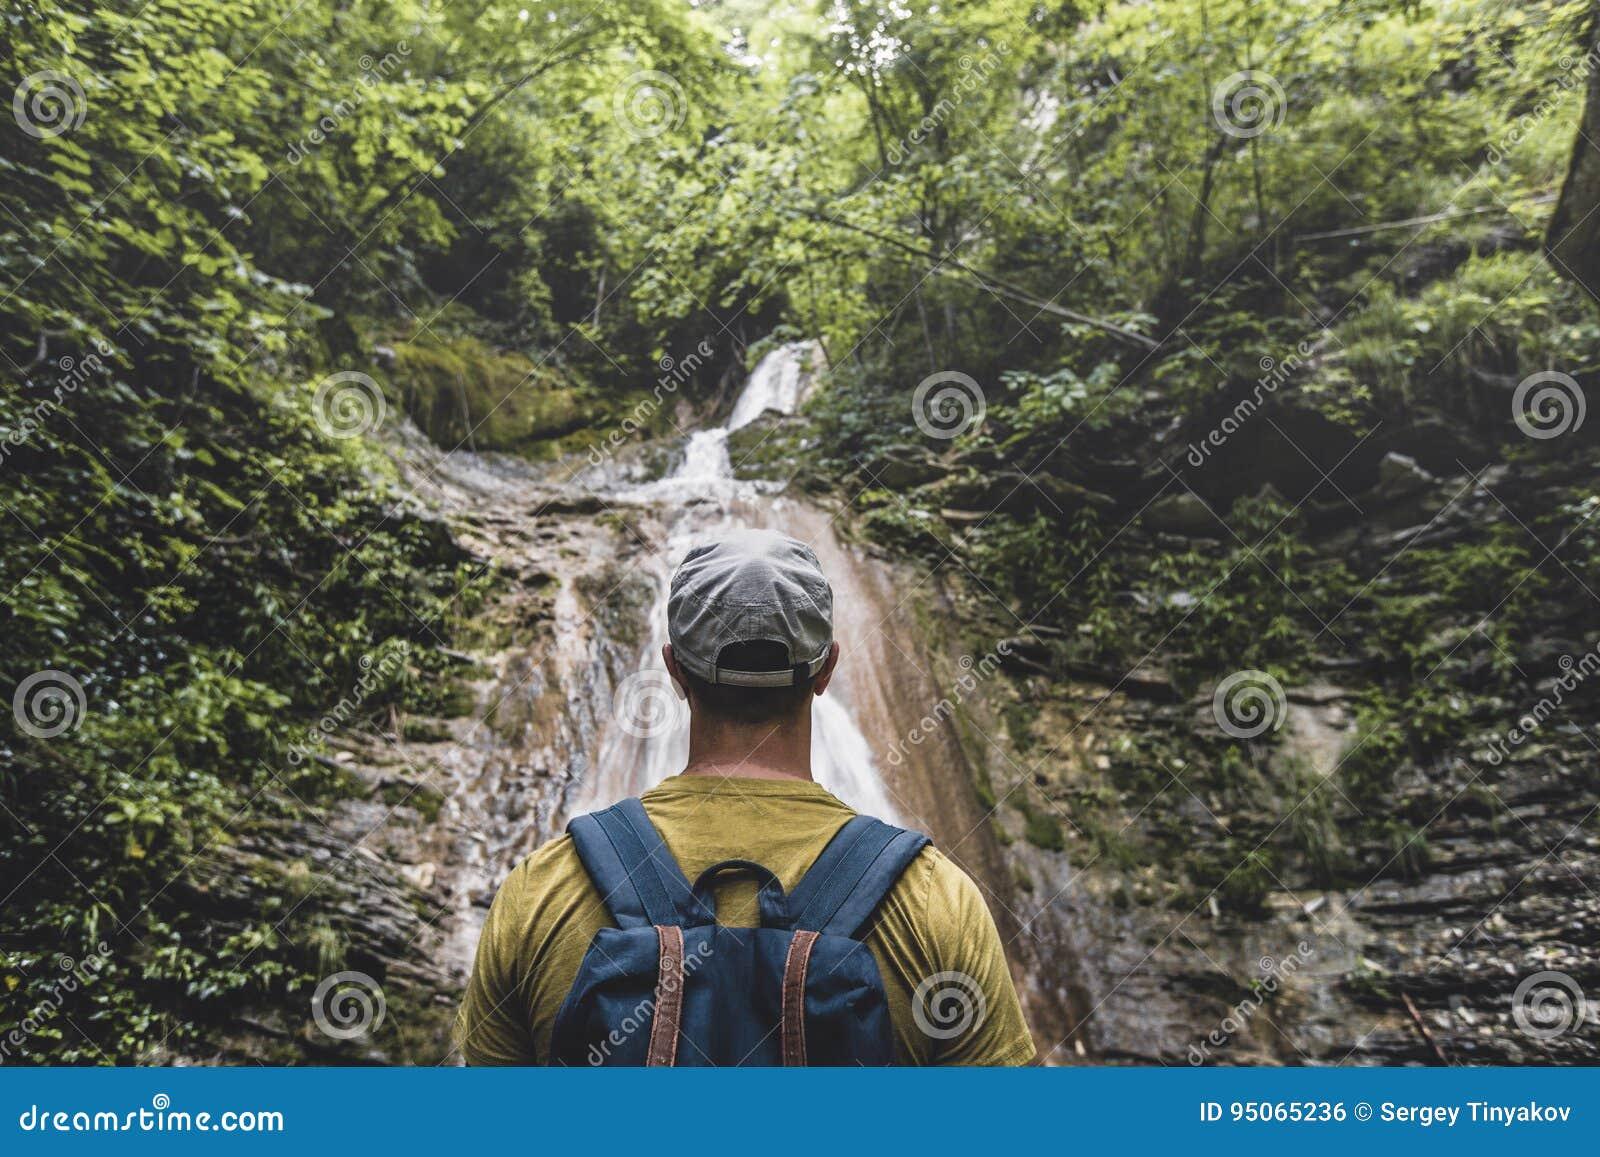 旅客到达了目的地和瀑布和秀丽享用视图未受破坏的自然 沉思冒险概念